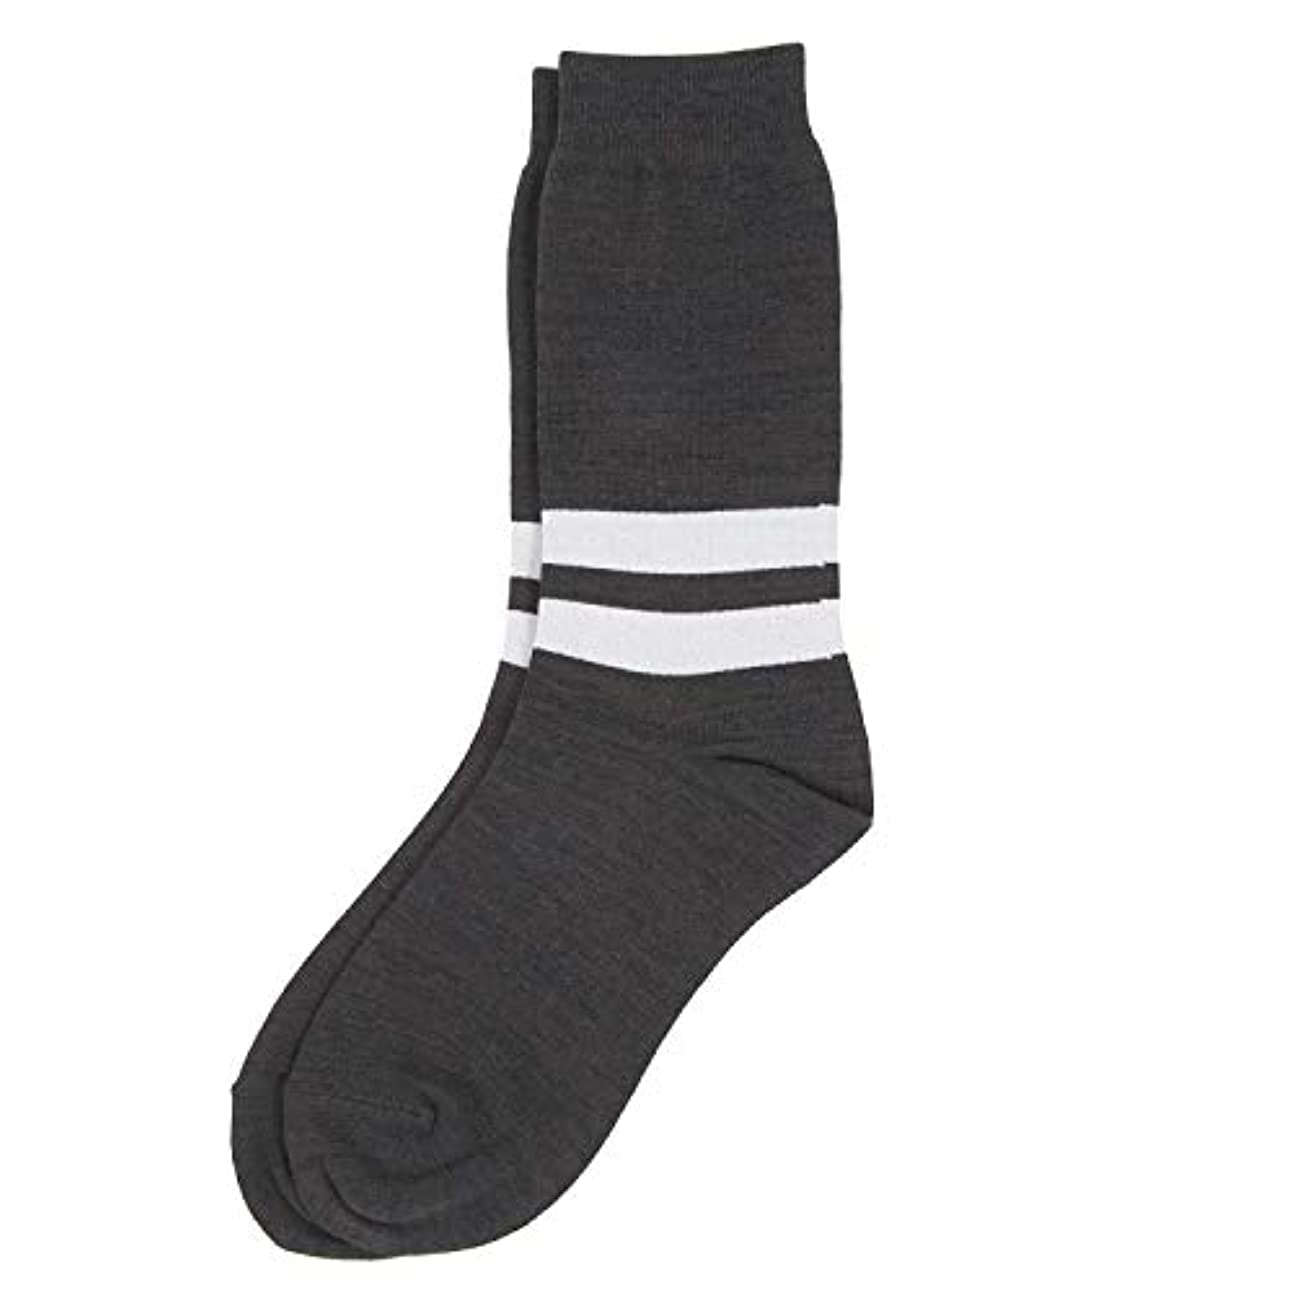 匹敵します金銭的免除Deol(デオル) ラインソックス 男性用 メンズ [足のニオイ対策] 長期間持続 日本製 無地 靴下 グレー 25cm-27cm